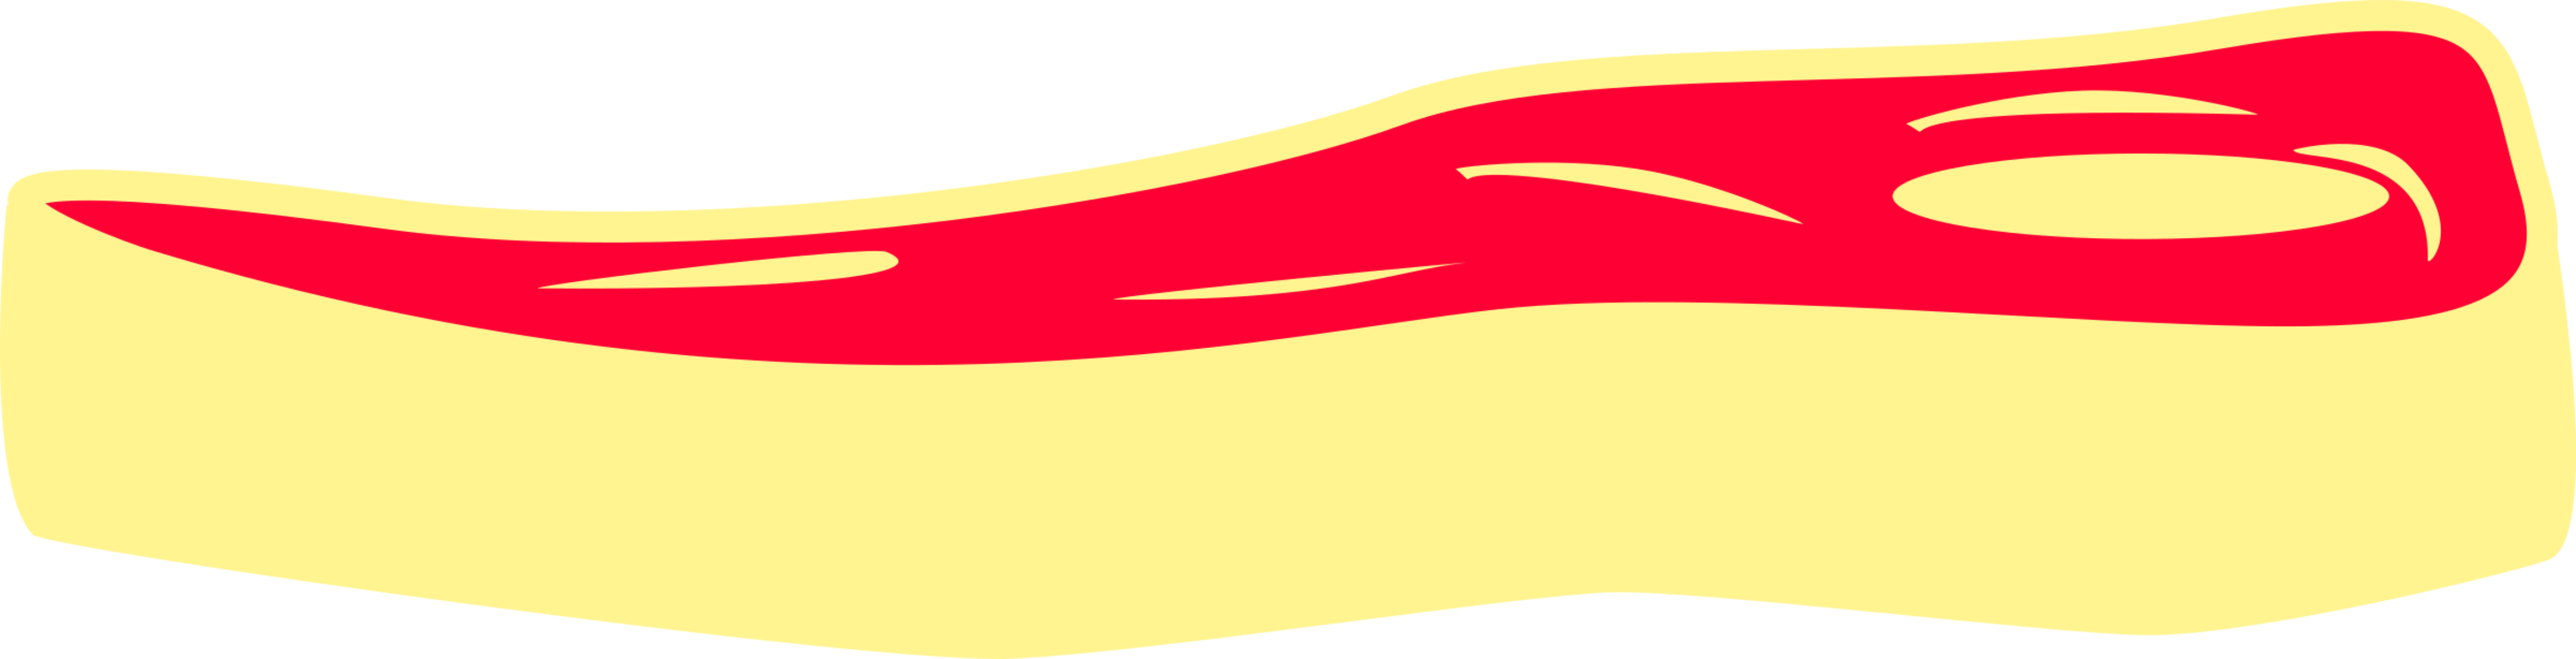 Area,Yellow,Orange